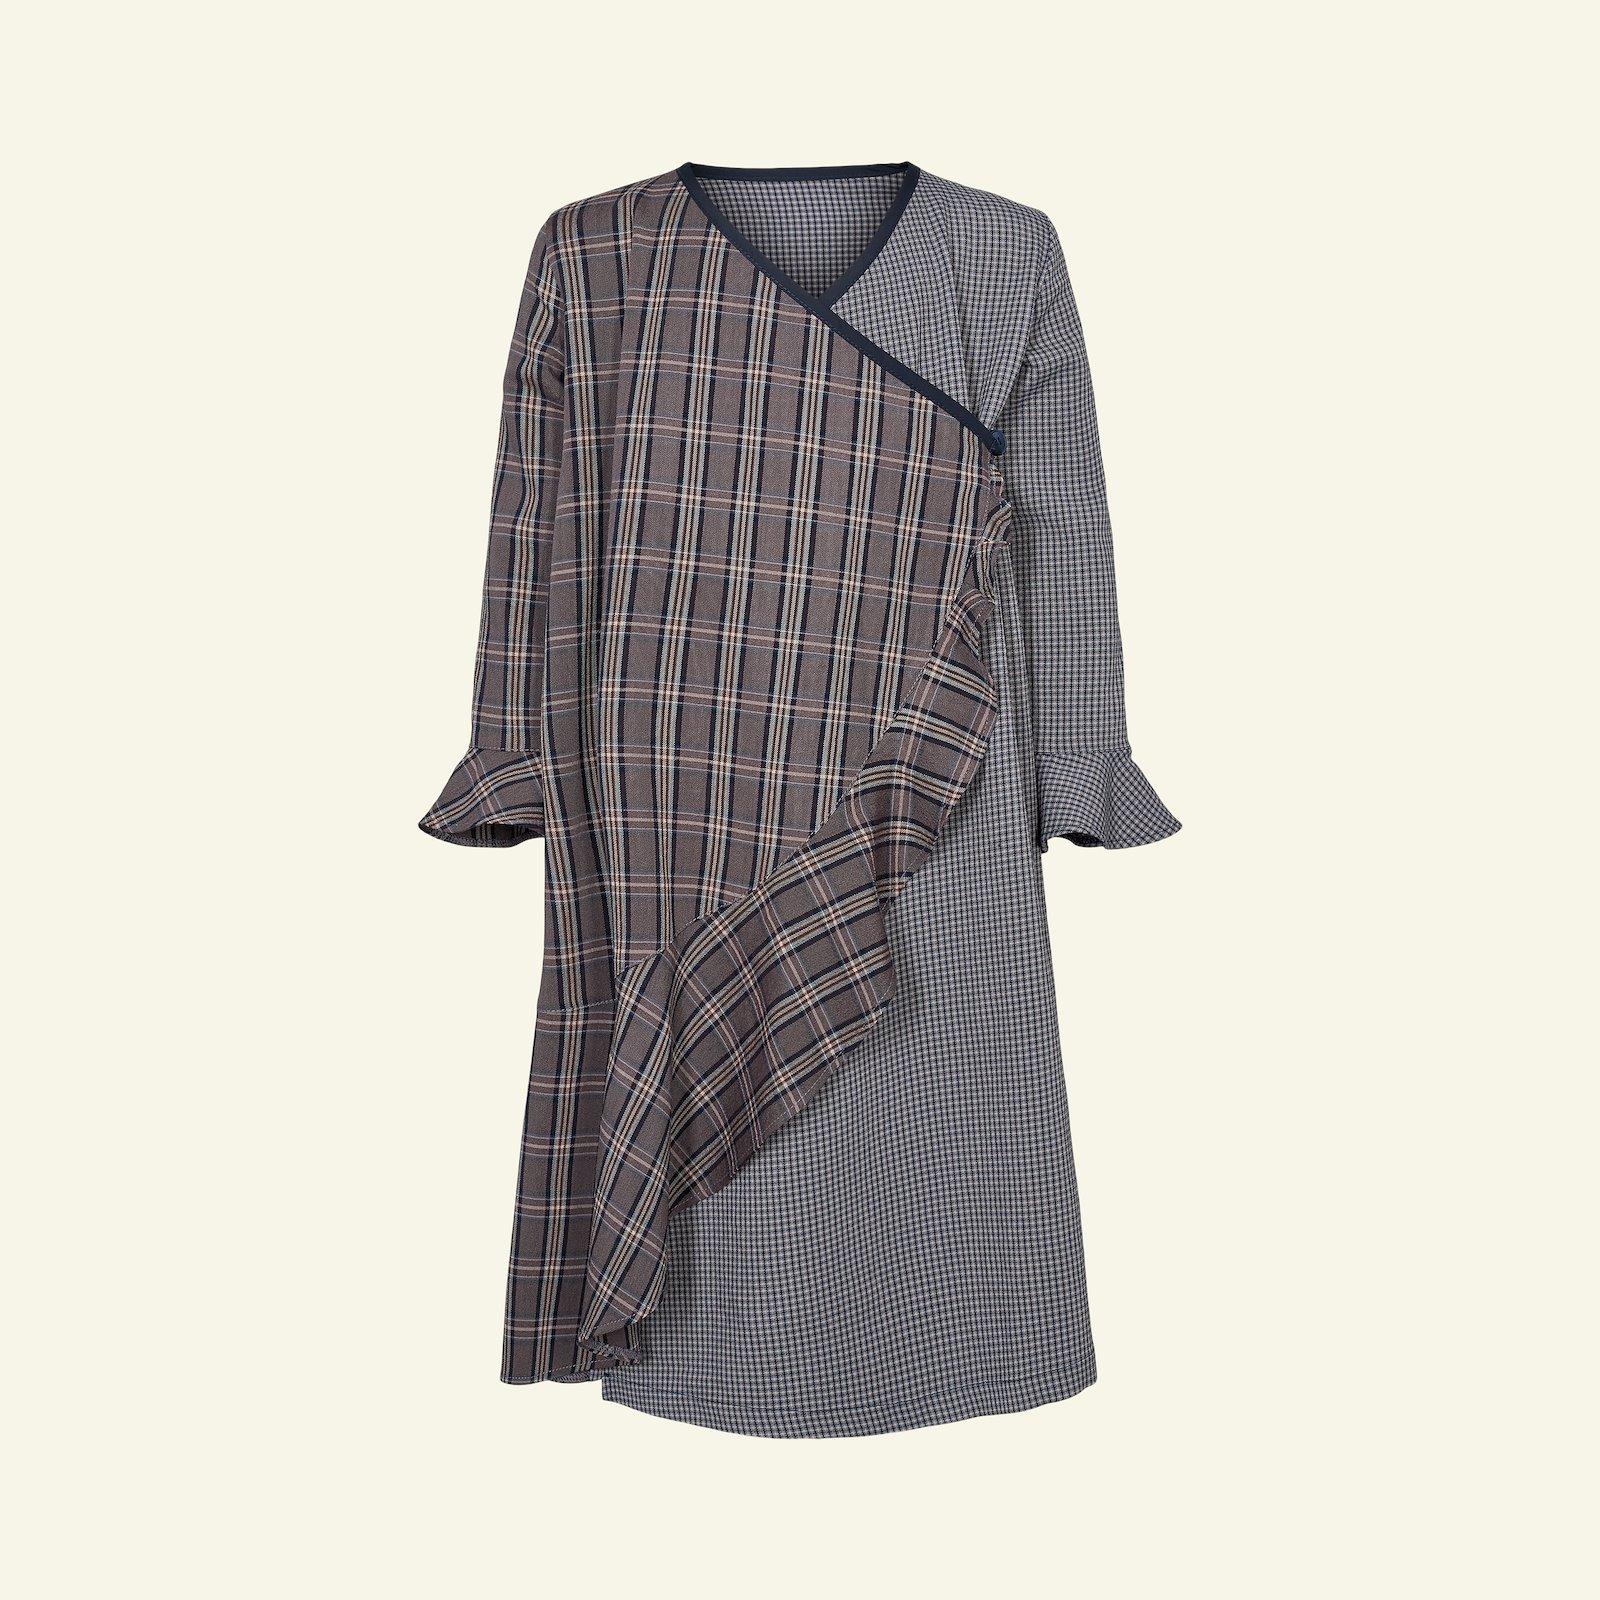 Wrap around dress, 134/9y p63067_300219_300220_64082_33459_sskit